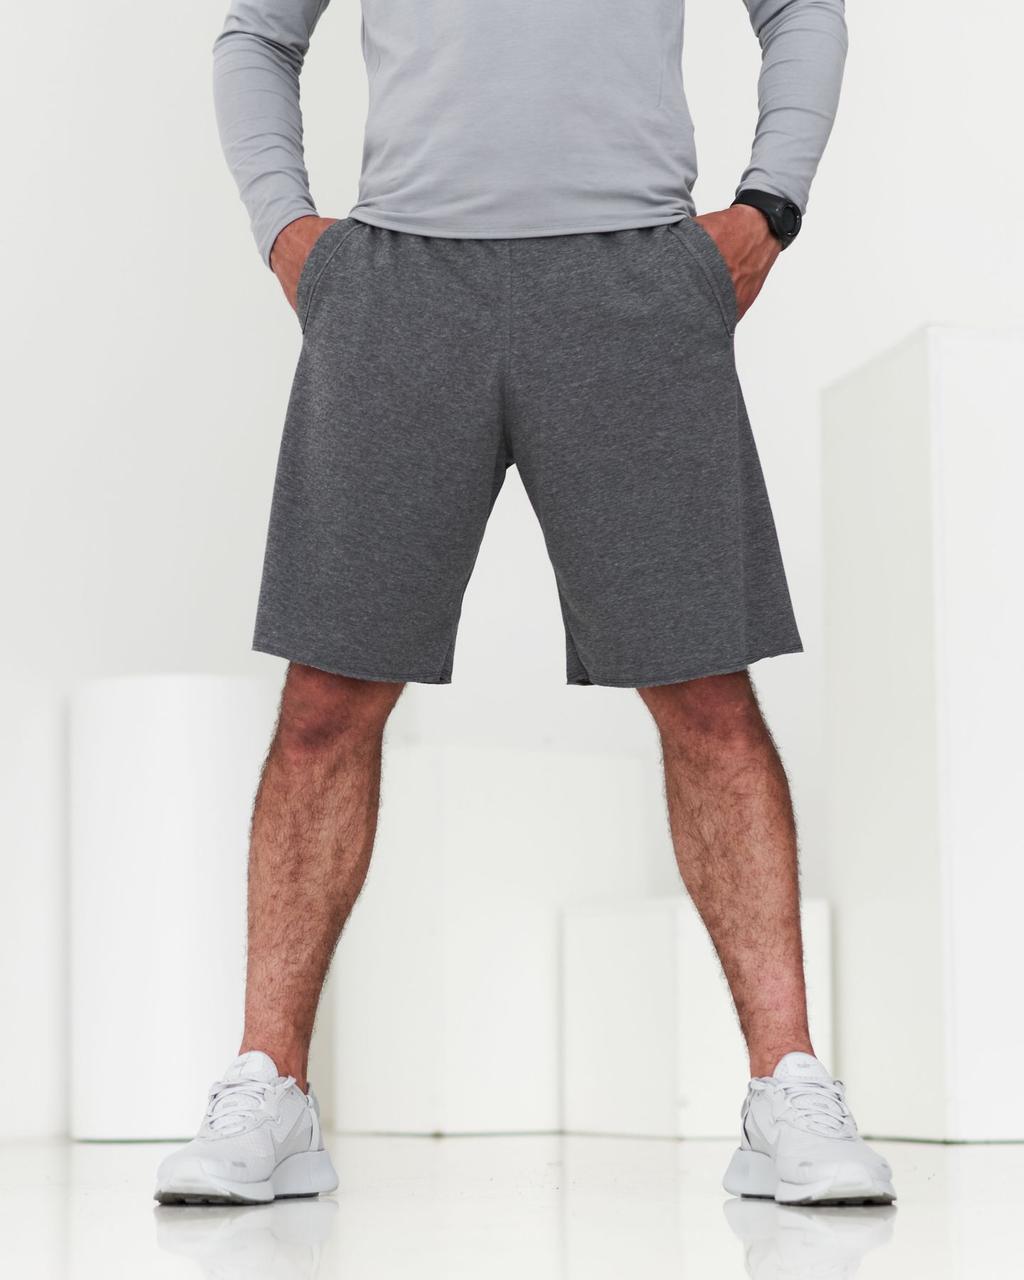 Мужские спортивные шорты серого цвета   Шорты мужские свободного кроя